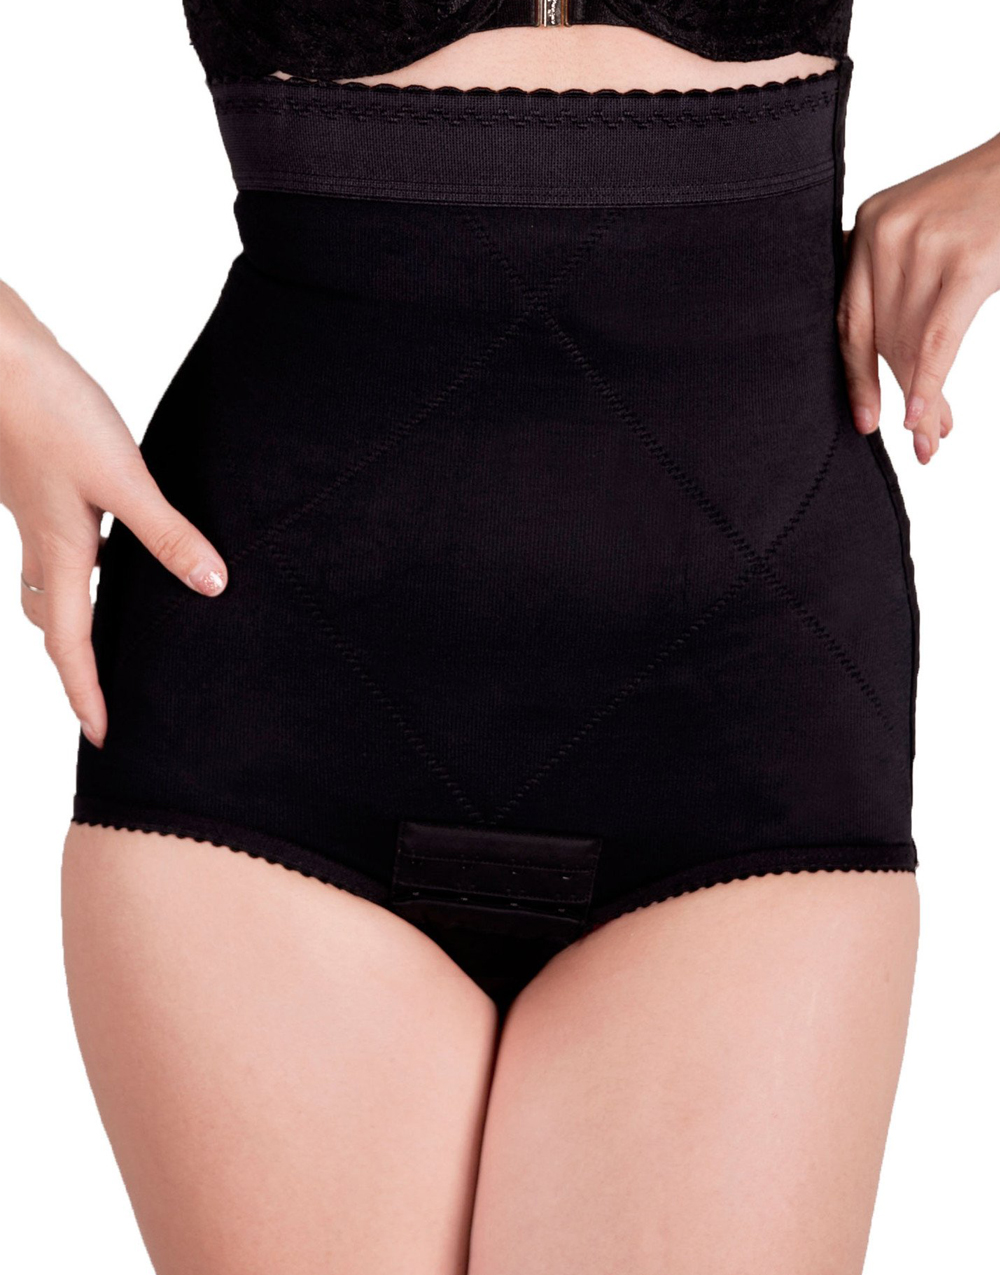 Postpartum Ultra Bikini in Black by Wink Shapewear | XXS